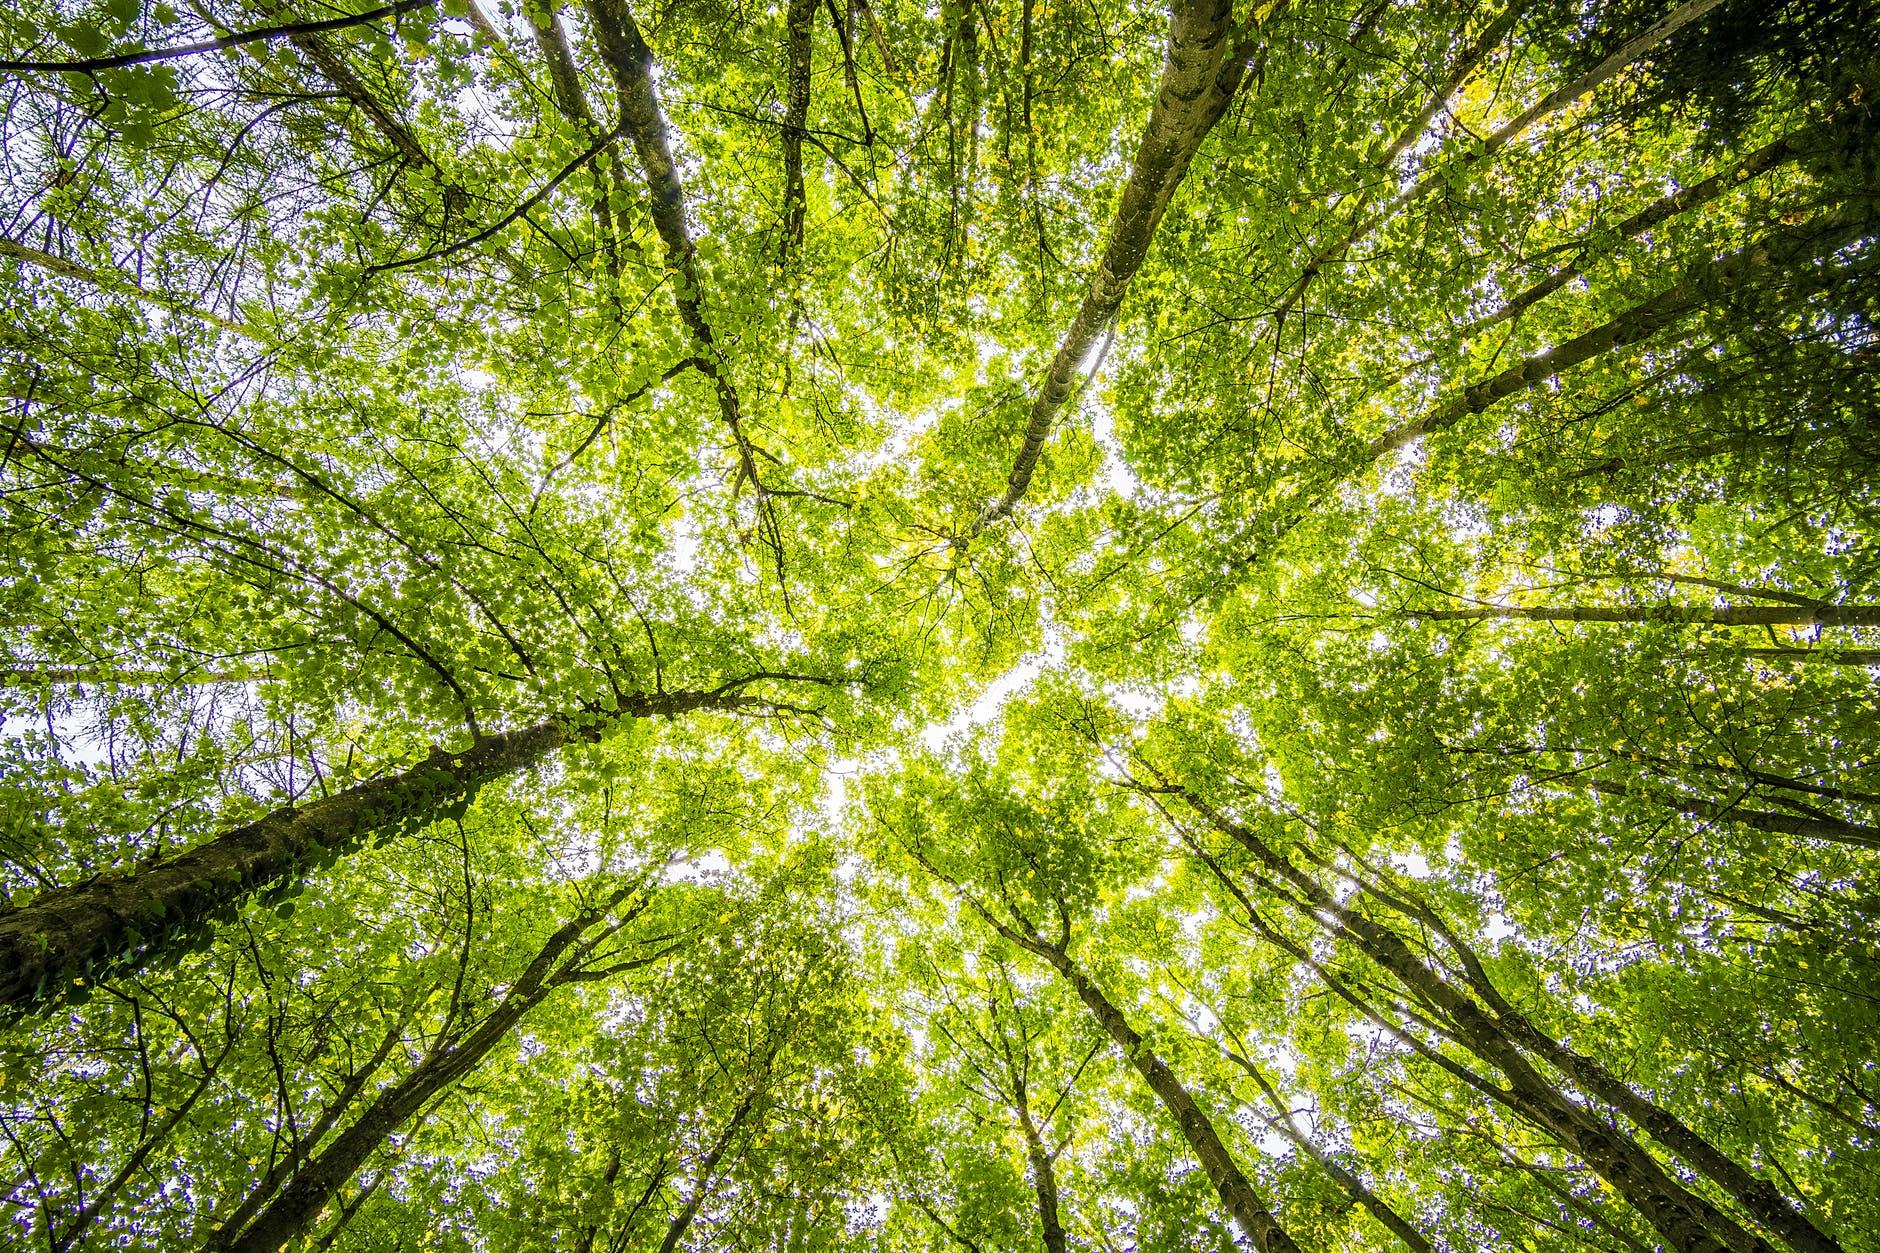 trees-green-alberi-luce-bosco-verde